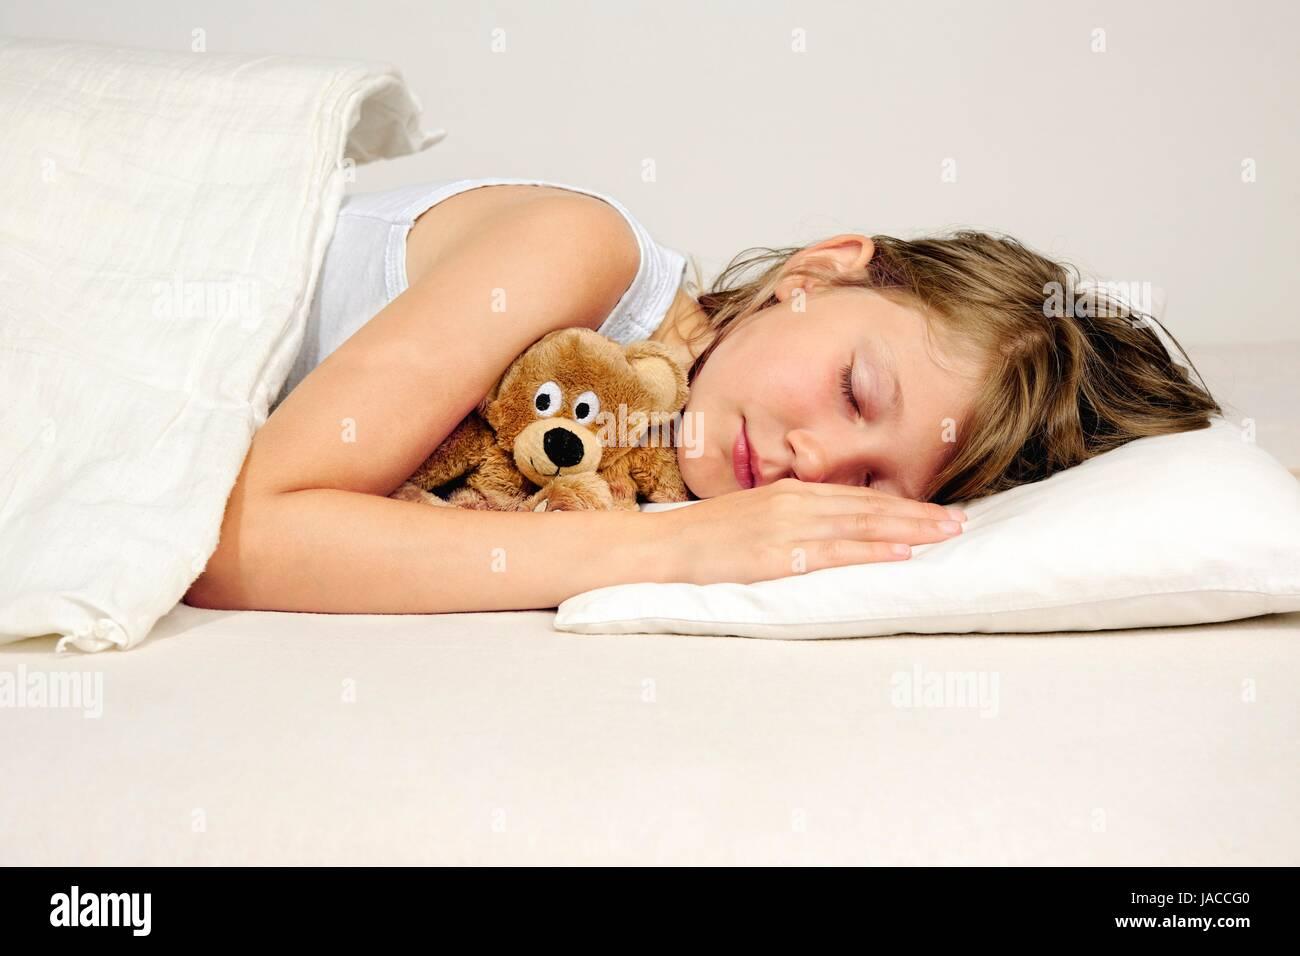 Marvelous Schlaf Bett Decoration Of Schlafen, Bett, Decke, Kind, Erholung, Erholen, Kleinkind,